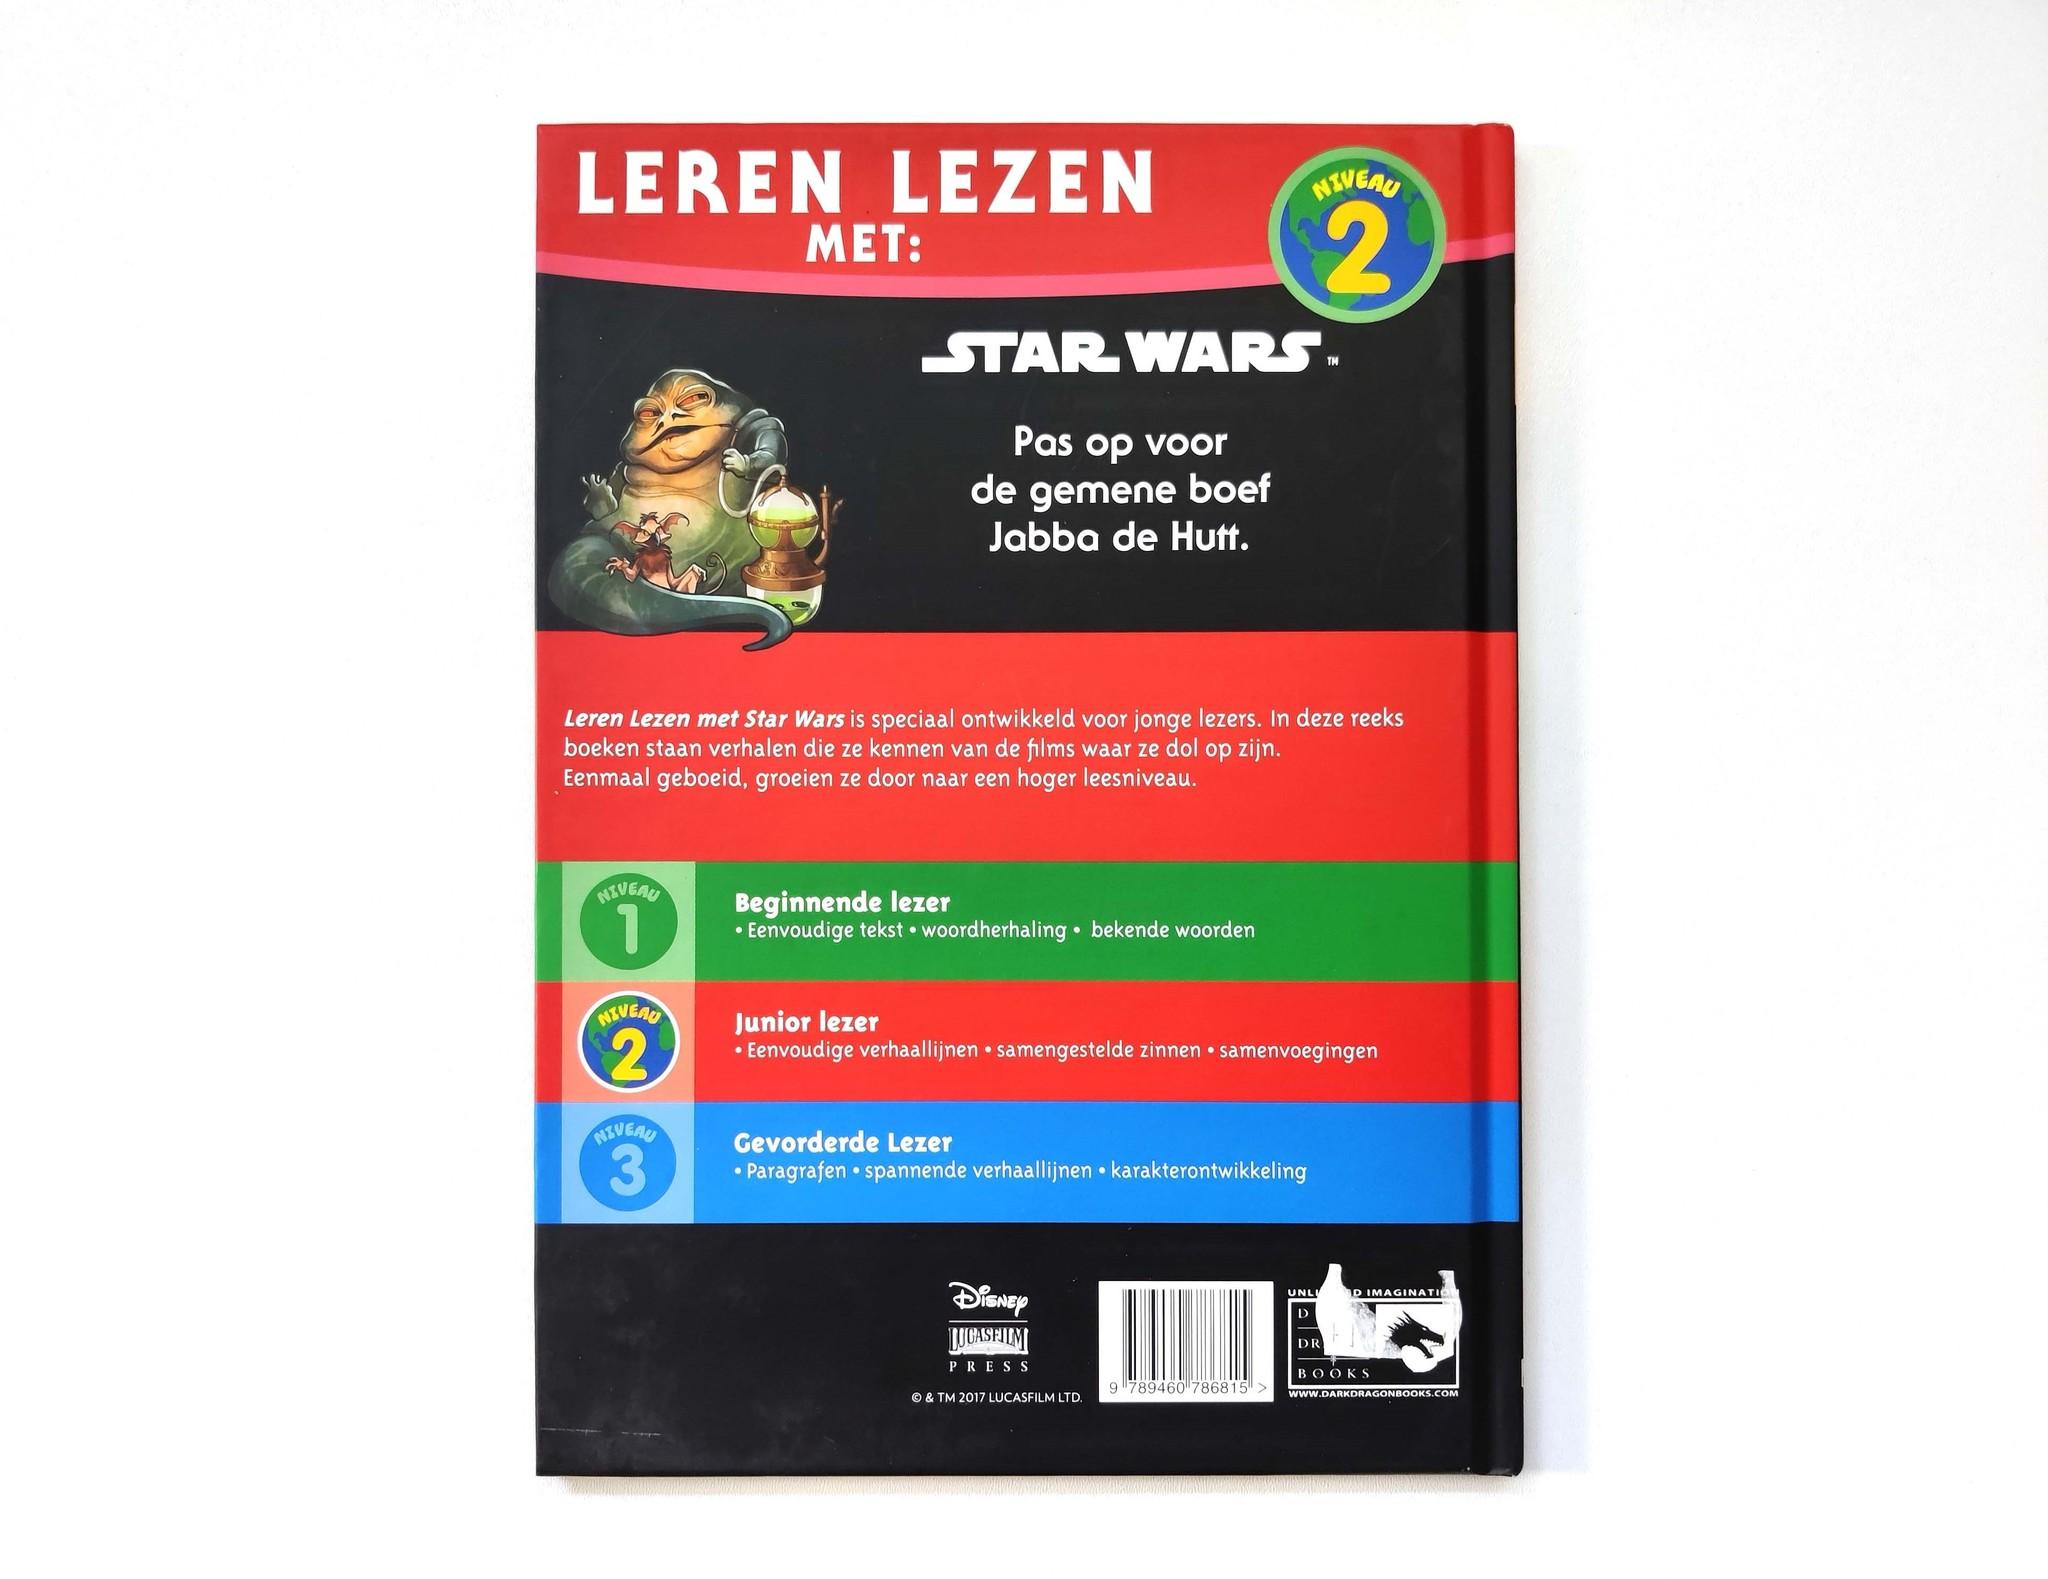 Leren lezen met Star Wars: redding uit het paleis van Jabba-2